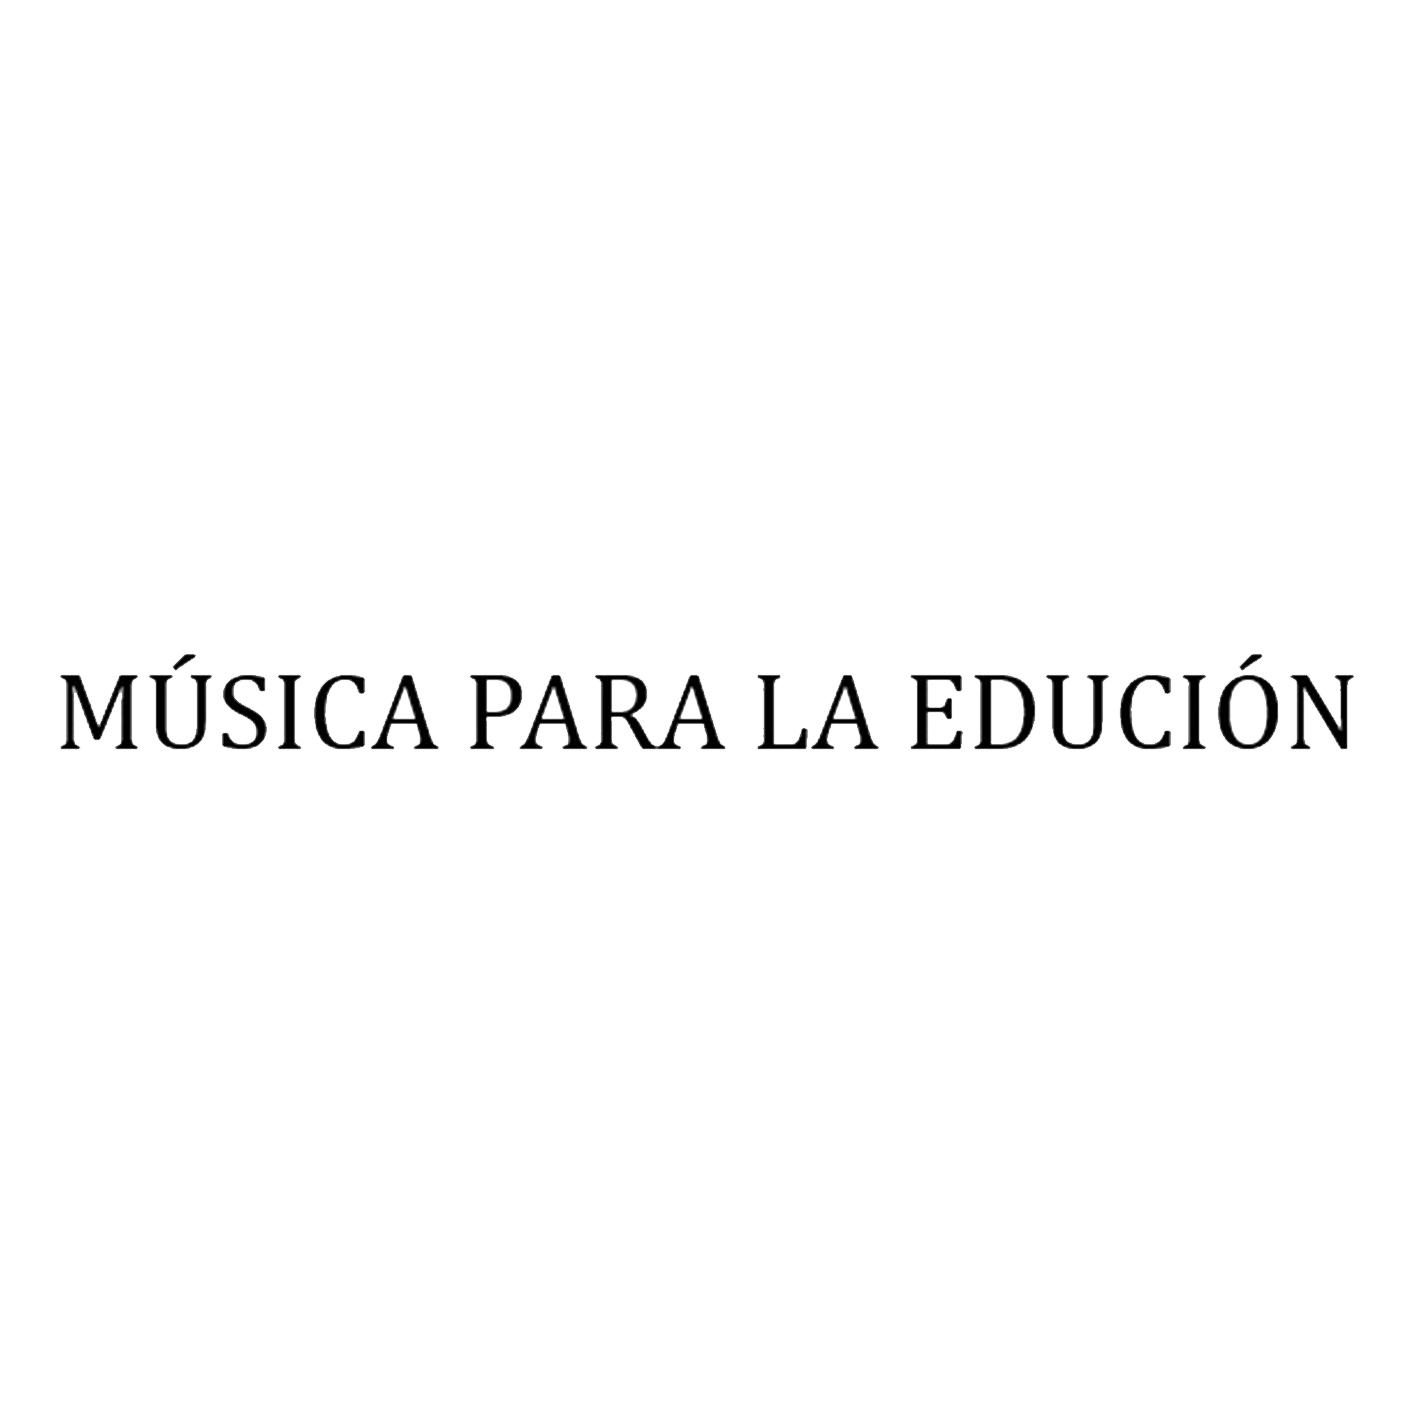 musica-para-la-educacion